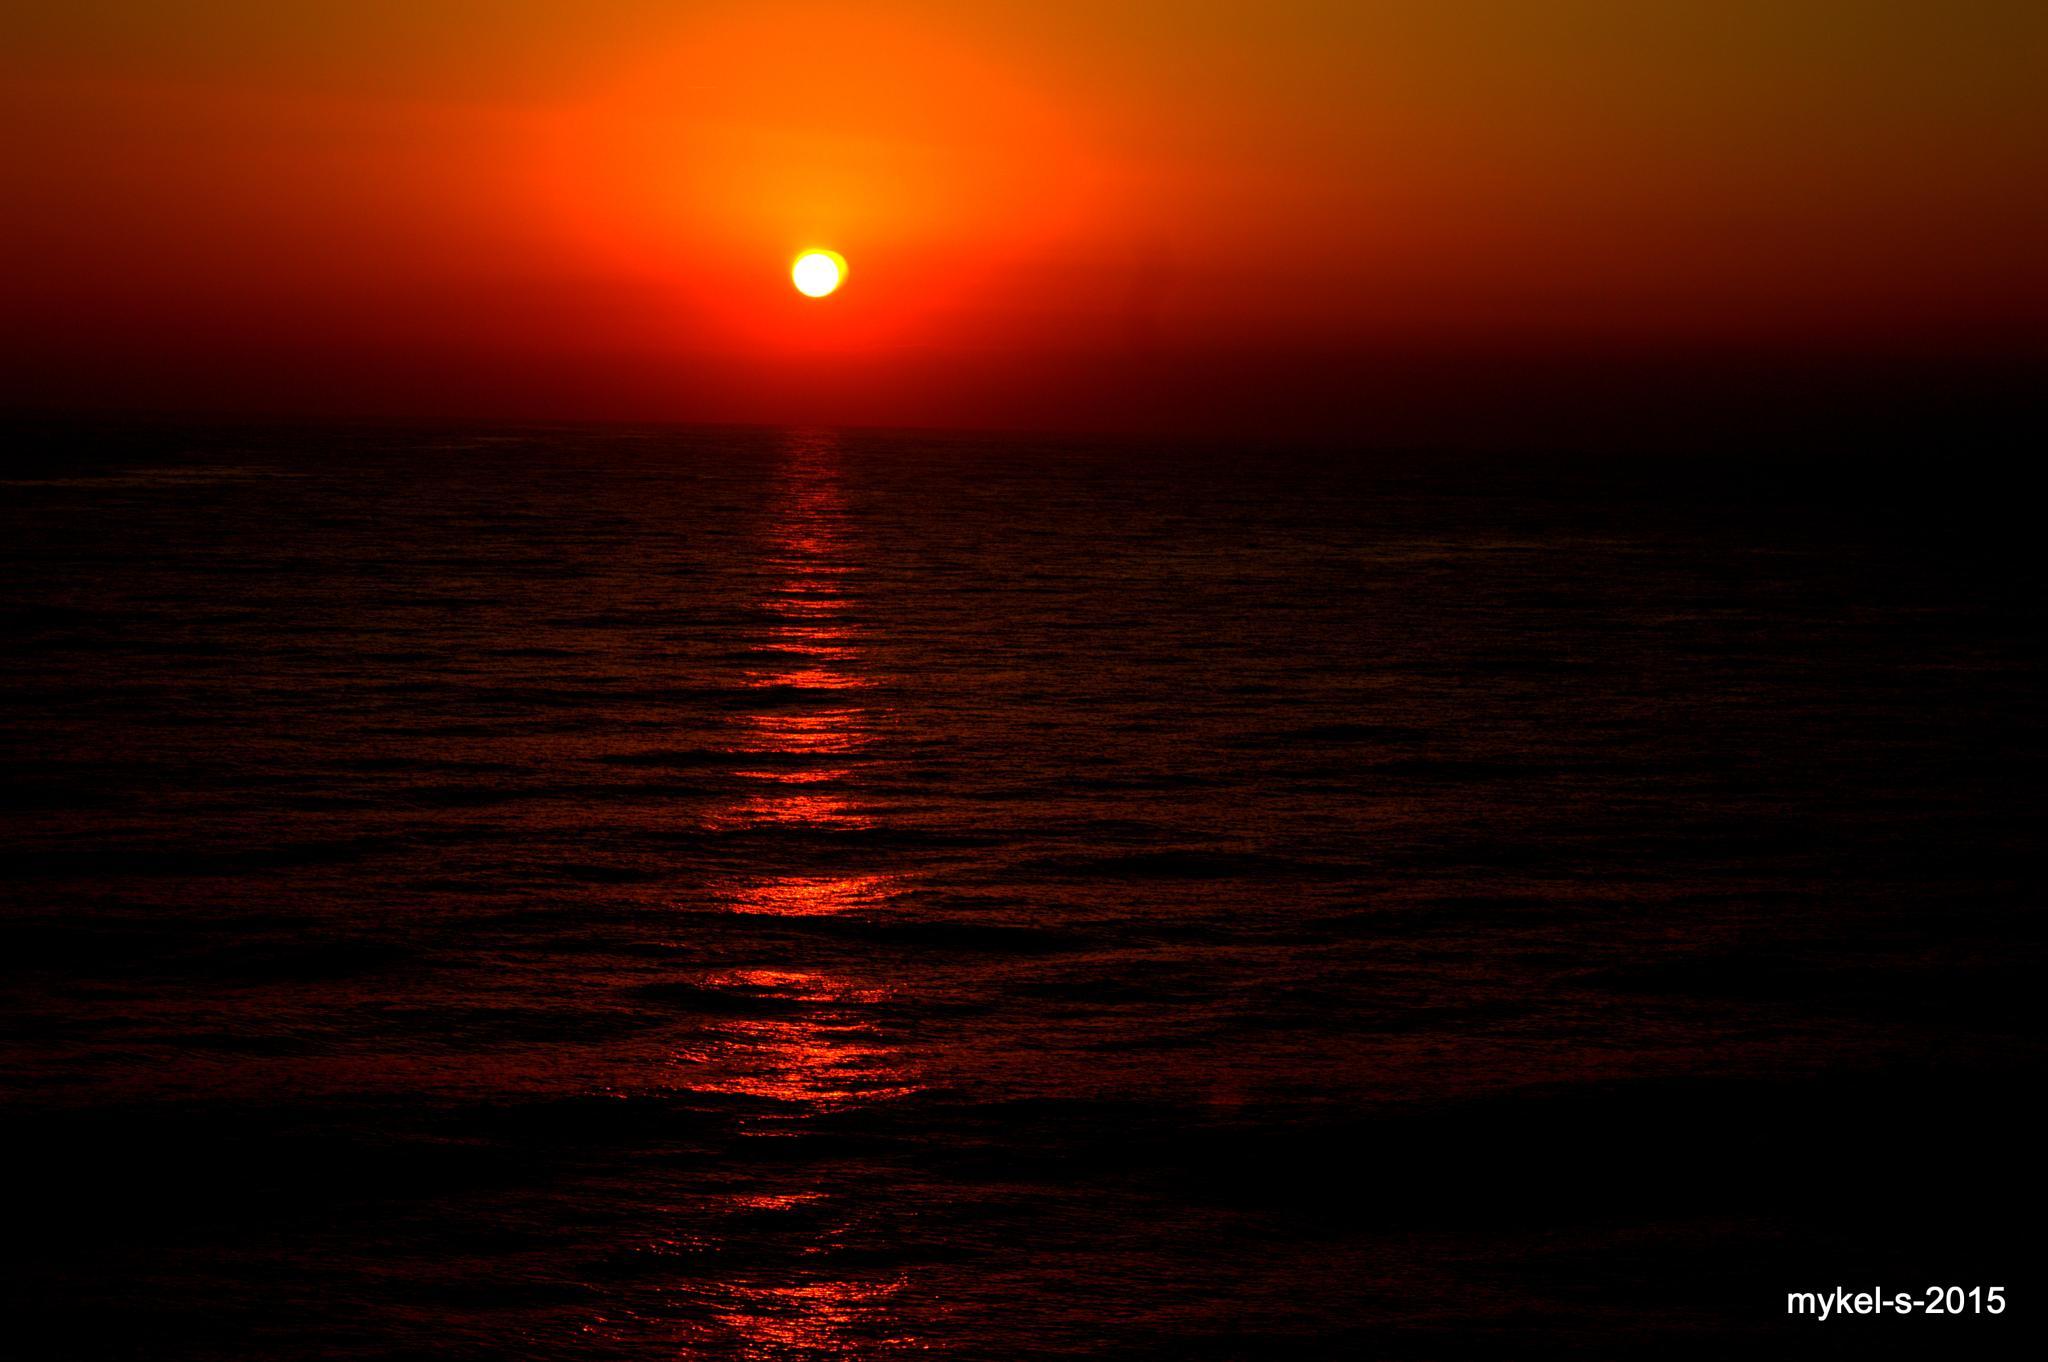 SUNSET-03 by mikju96